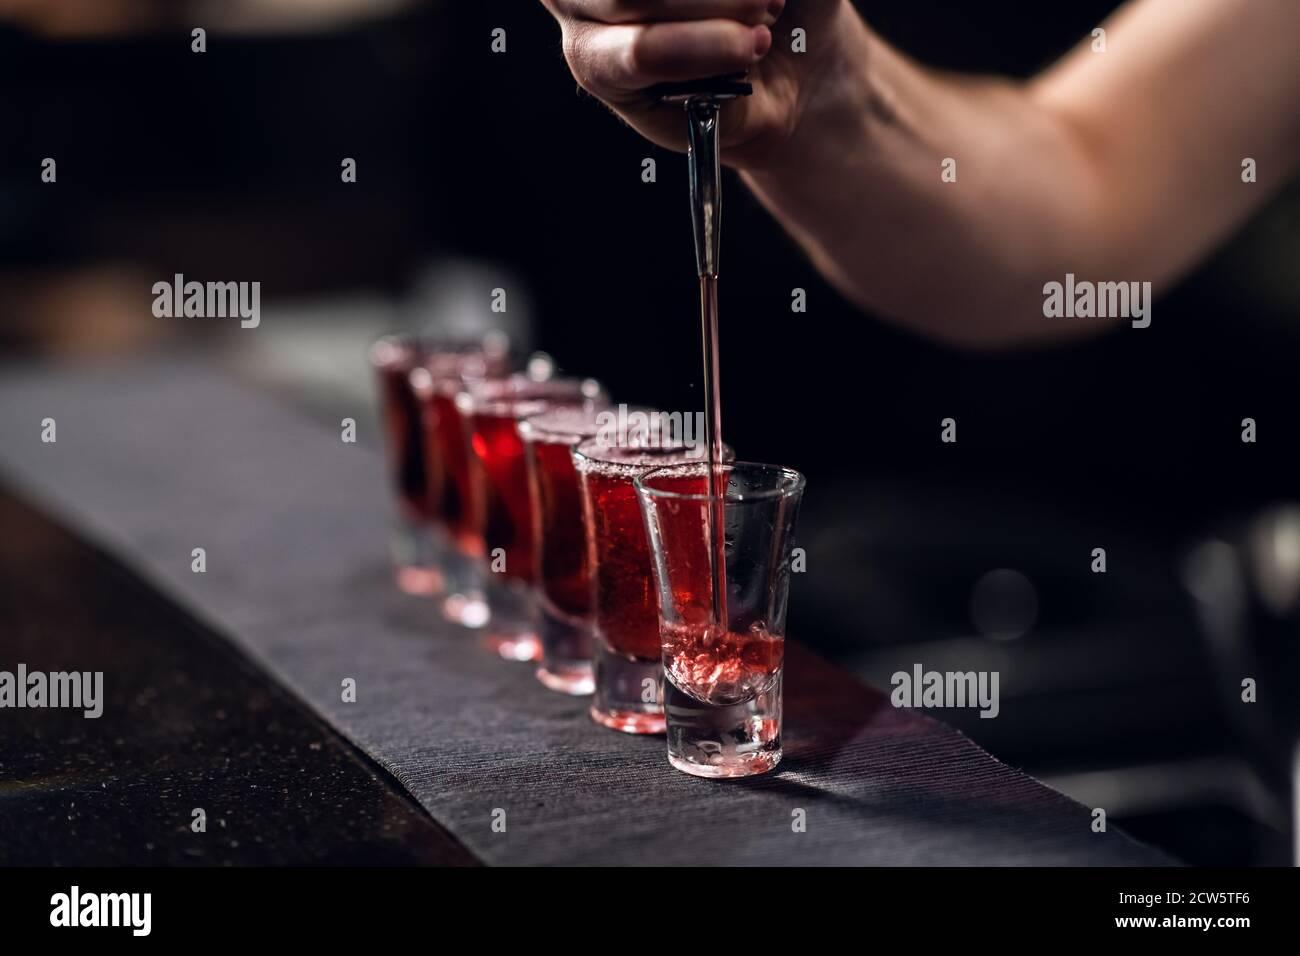 le barman remplit les prises de vue avec de la liqueur rouge provenant d'une bouteille sur le bar. Banque D'Images